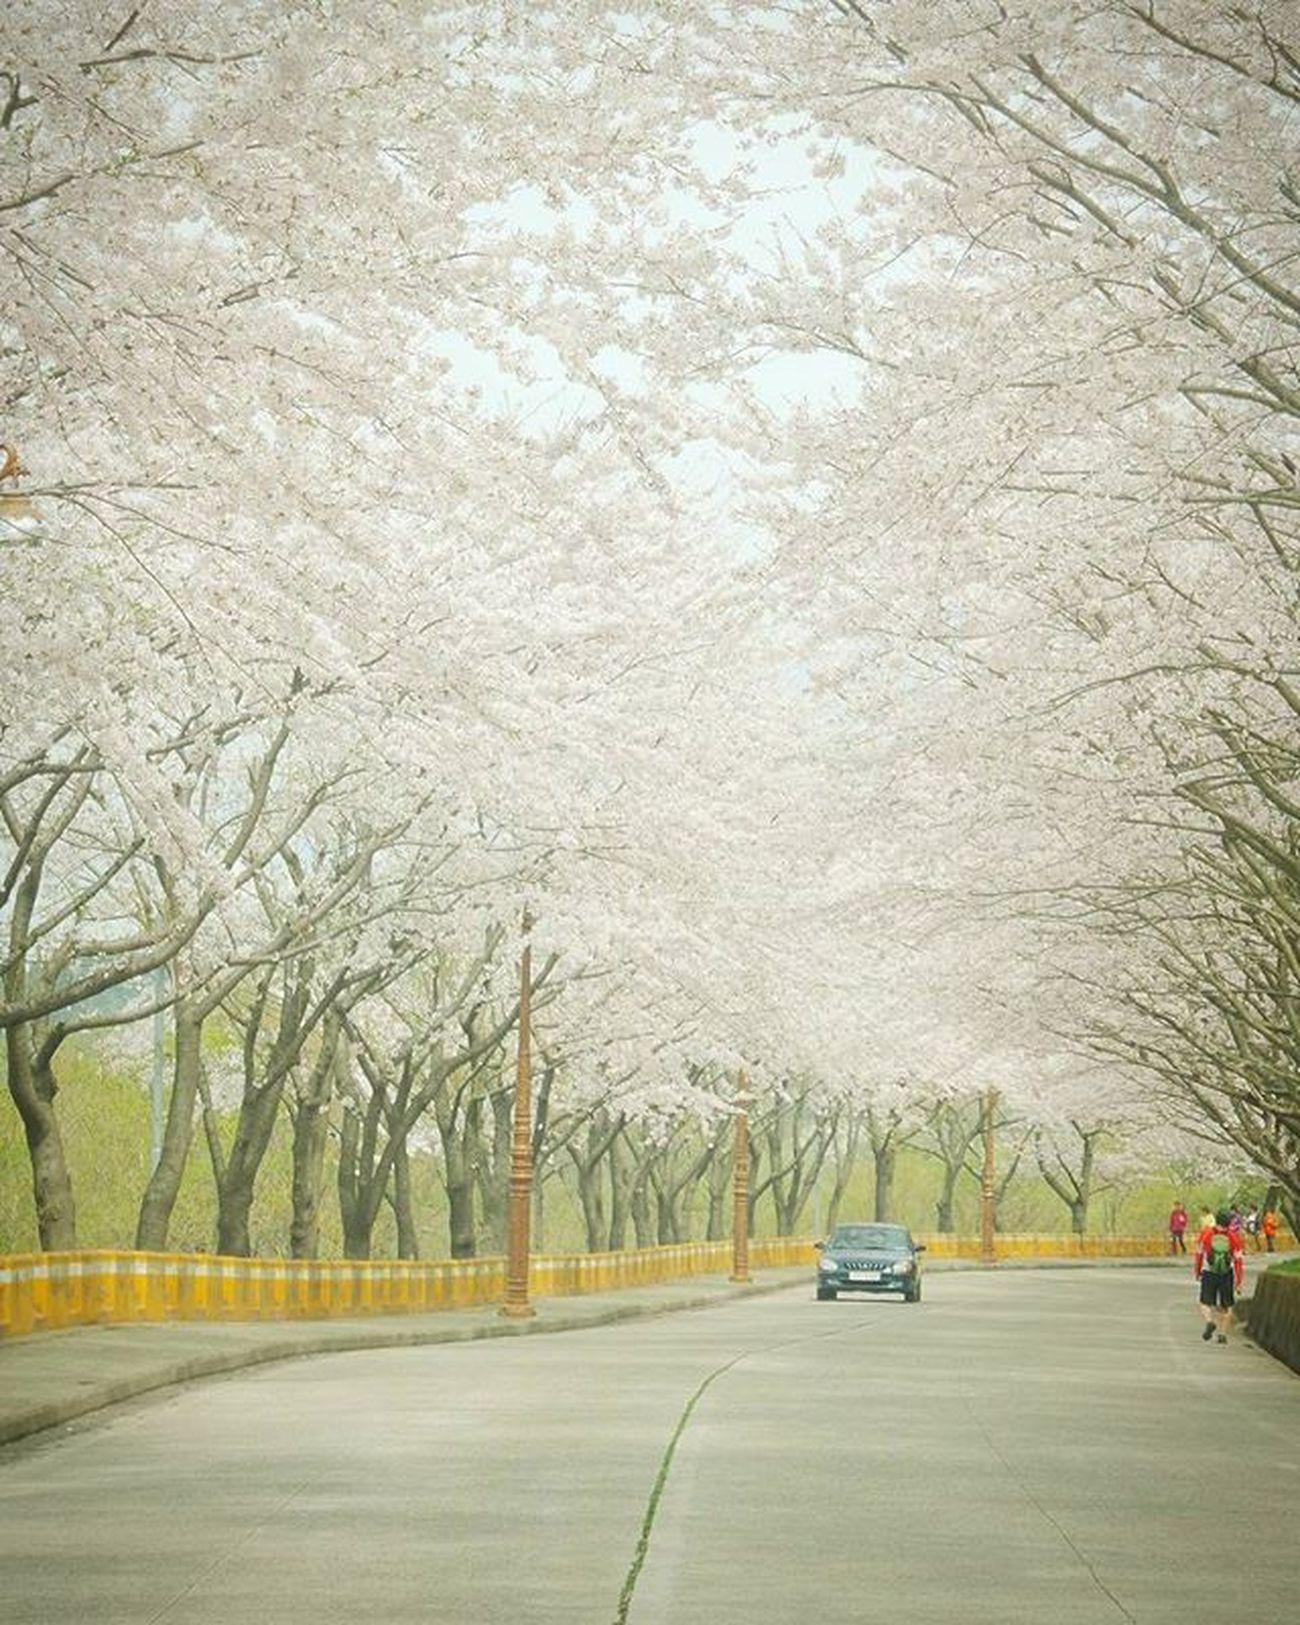 황령산벚꽃길 차있을때 . . .Photography Photographer 부산 Busan Spring Flower 일상 데일리 감성 감성사진 사진 여행 일상공유 Sotong 미러리스카메라 Follow Followme Photo Travel Daily Southkorea